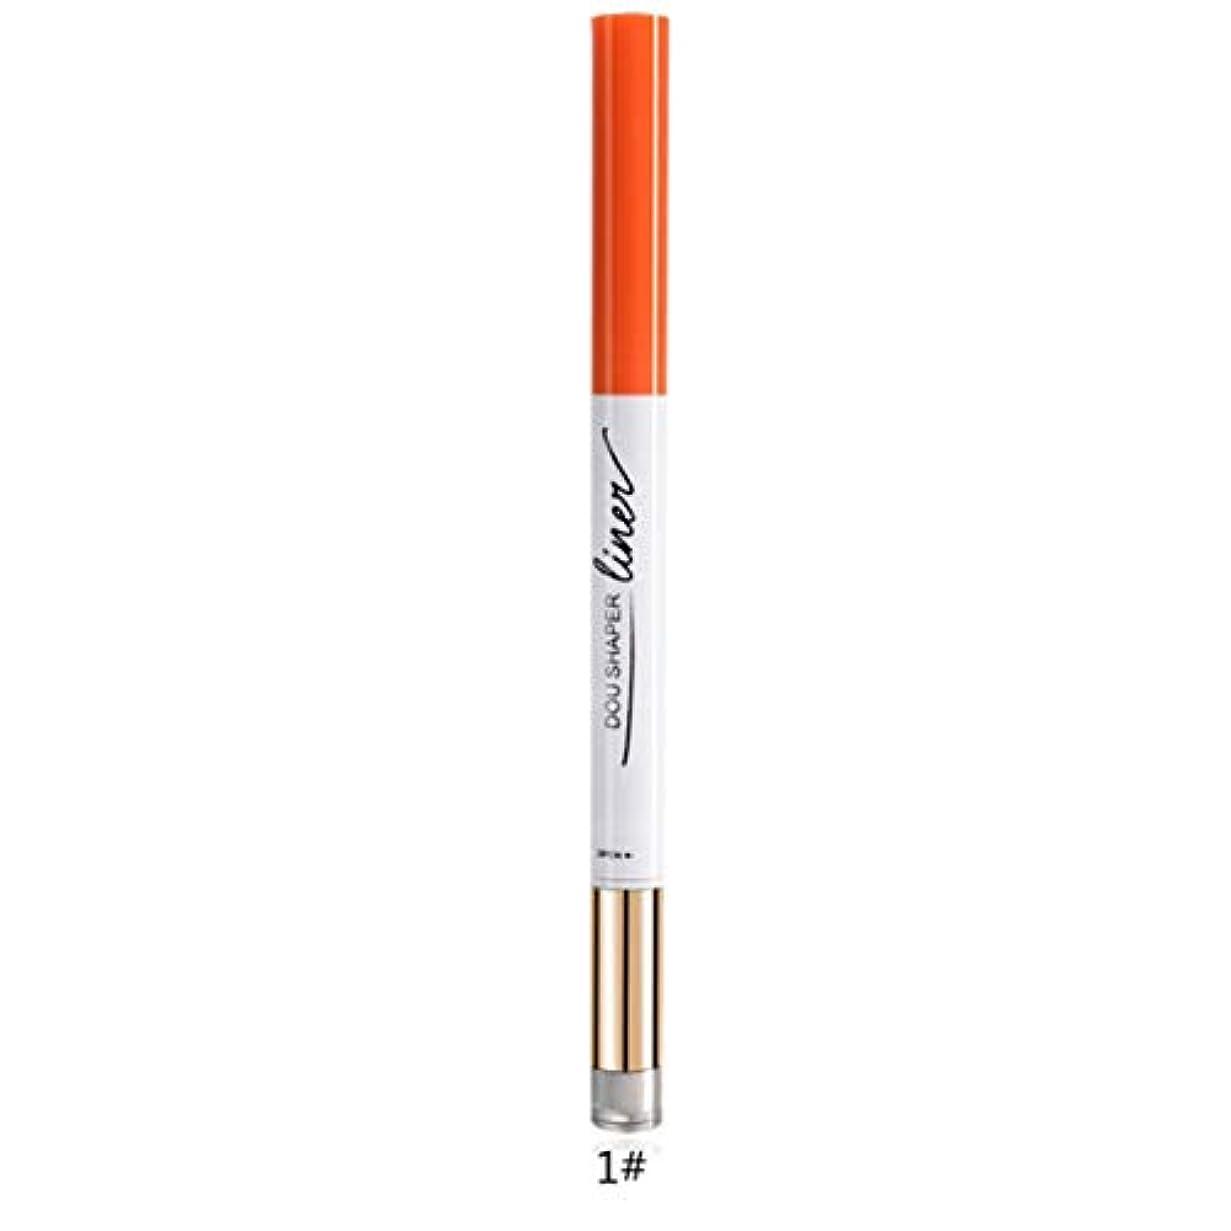 に向けて出発心配する同情的2で1ポータブルサイズ防水眉毛ペン+アイシャドウペン非フェード長持ち眉毛メイクペン美容化粧品ツール